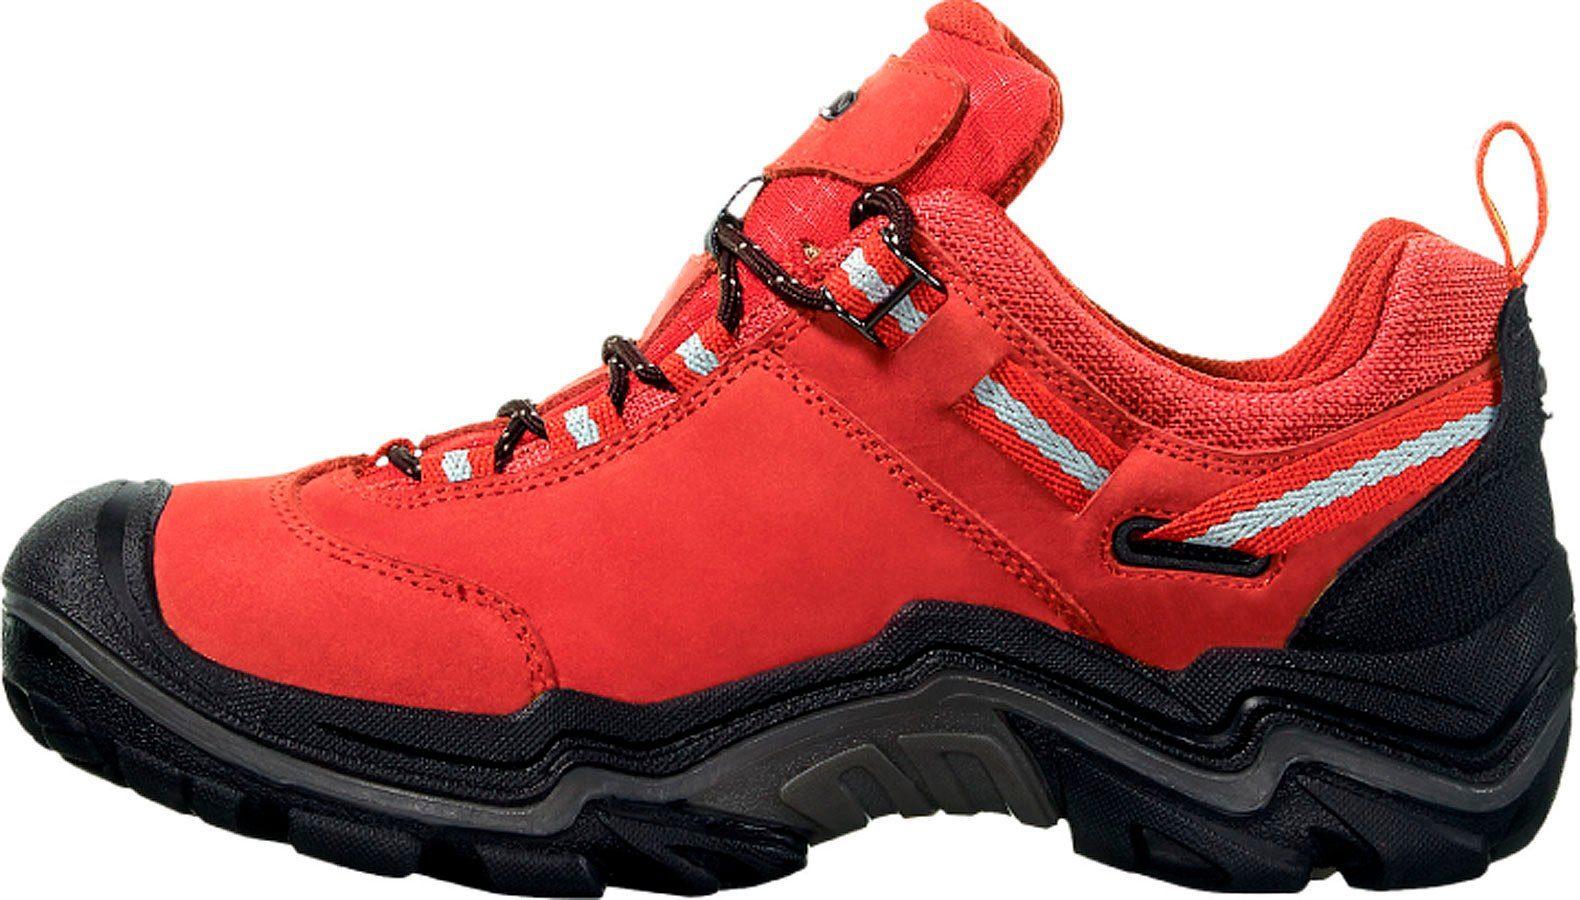 Keen Kletterschuh Wanderer WP Shoes Women kaufen  rot